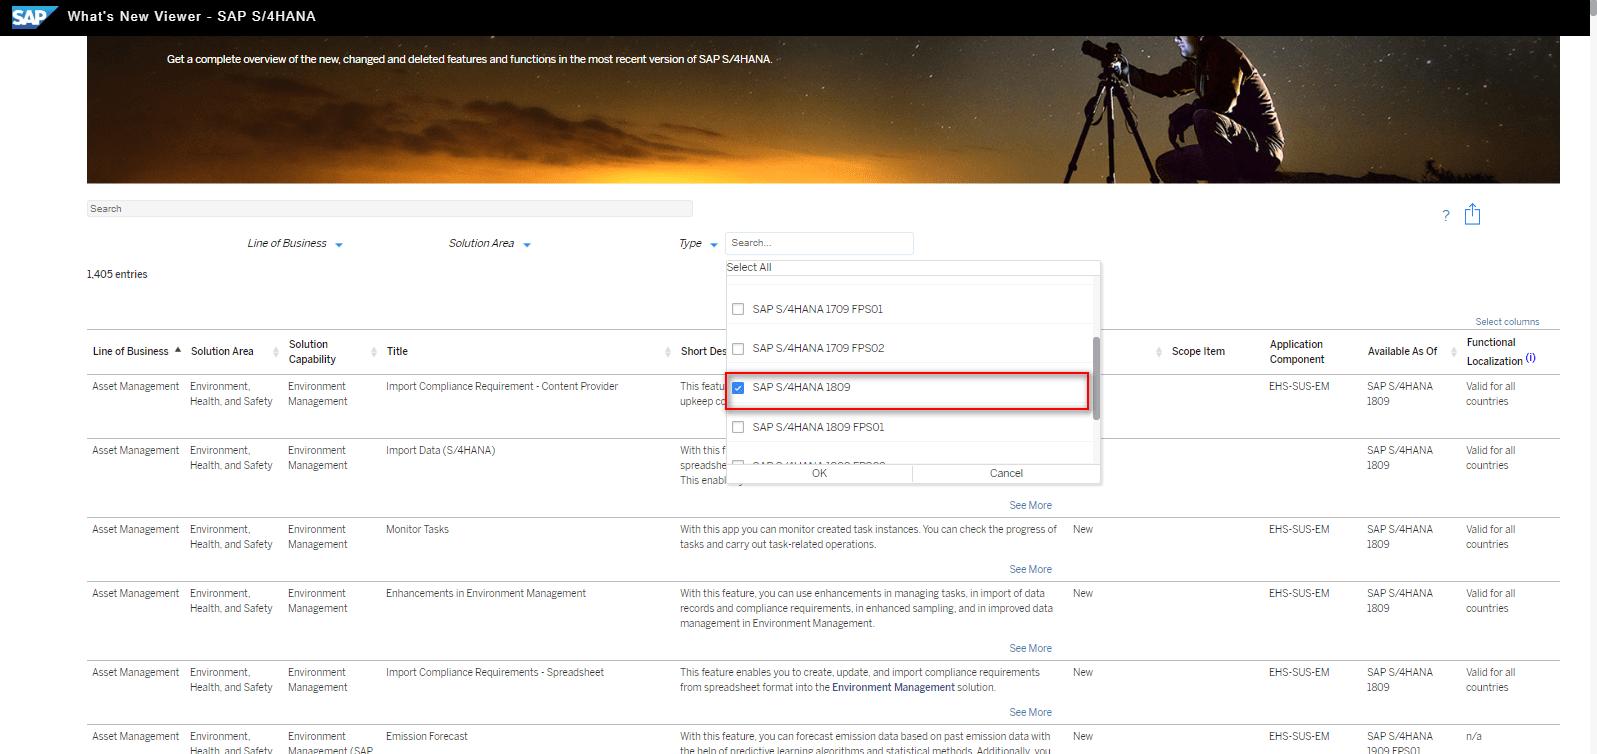 Blog Screen Whats new viewer Filter Release - What's new viewer: Alle neuen und geänderten Funktionen von SAP S/4HANA auf einen Blick